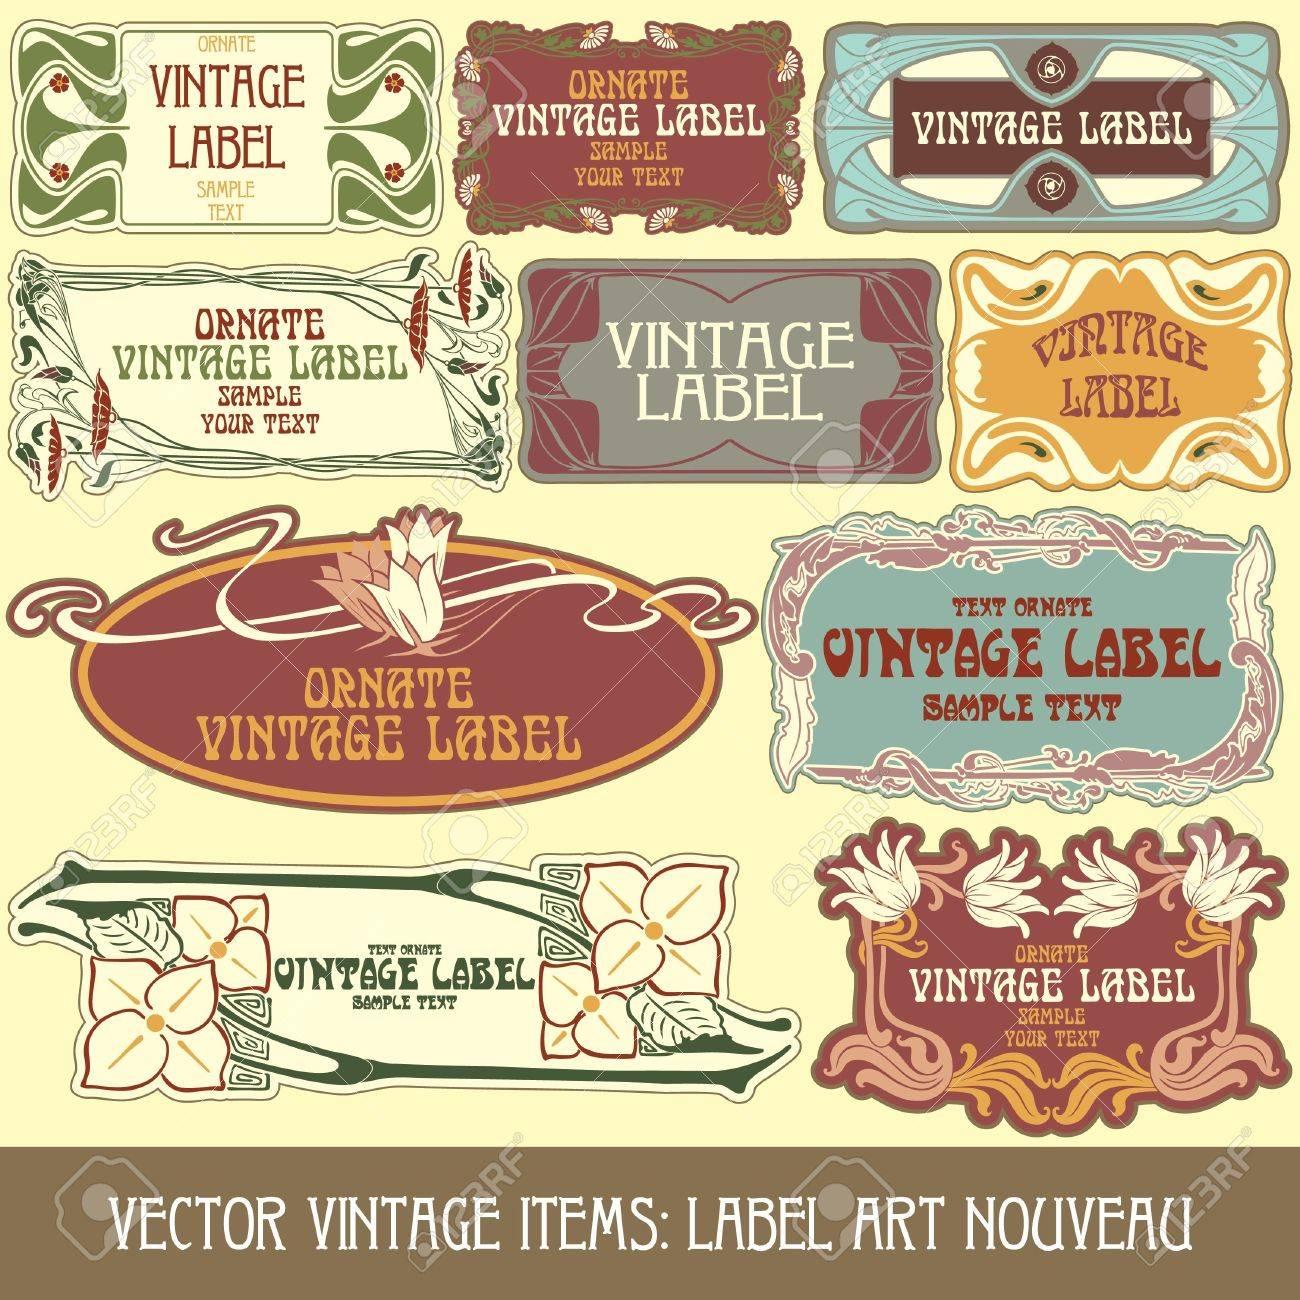 vintage items: label art nouveau Stock Vector - 15073442